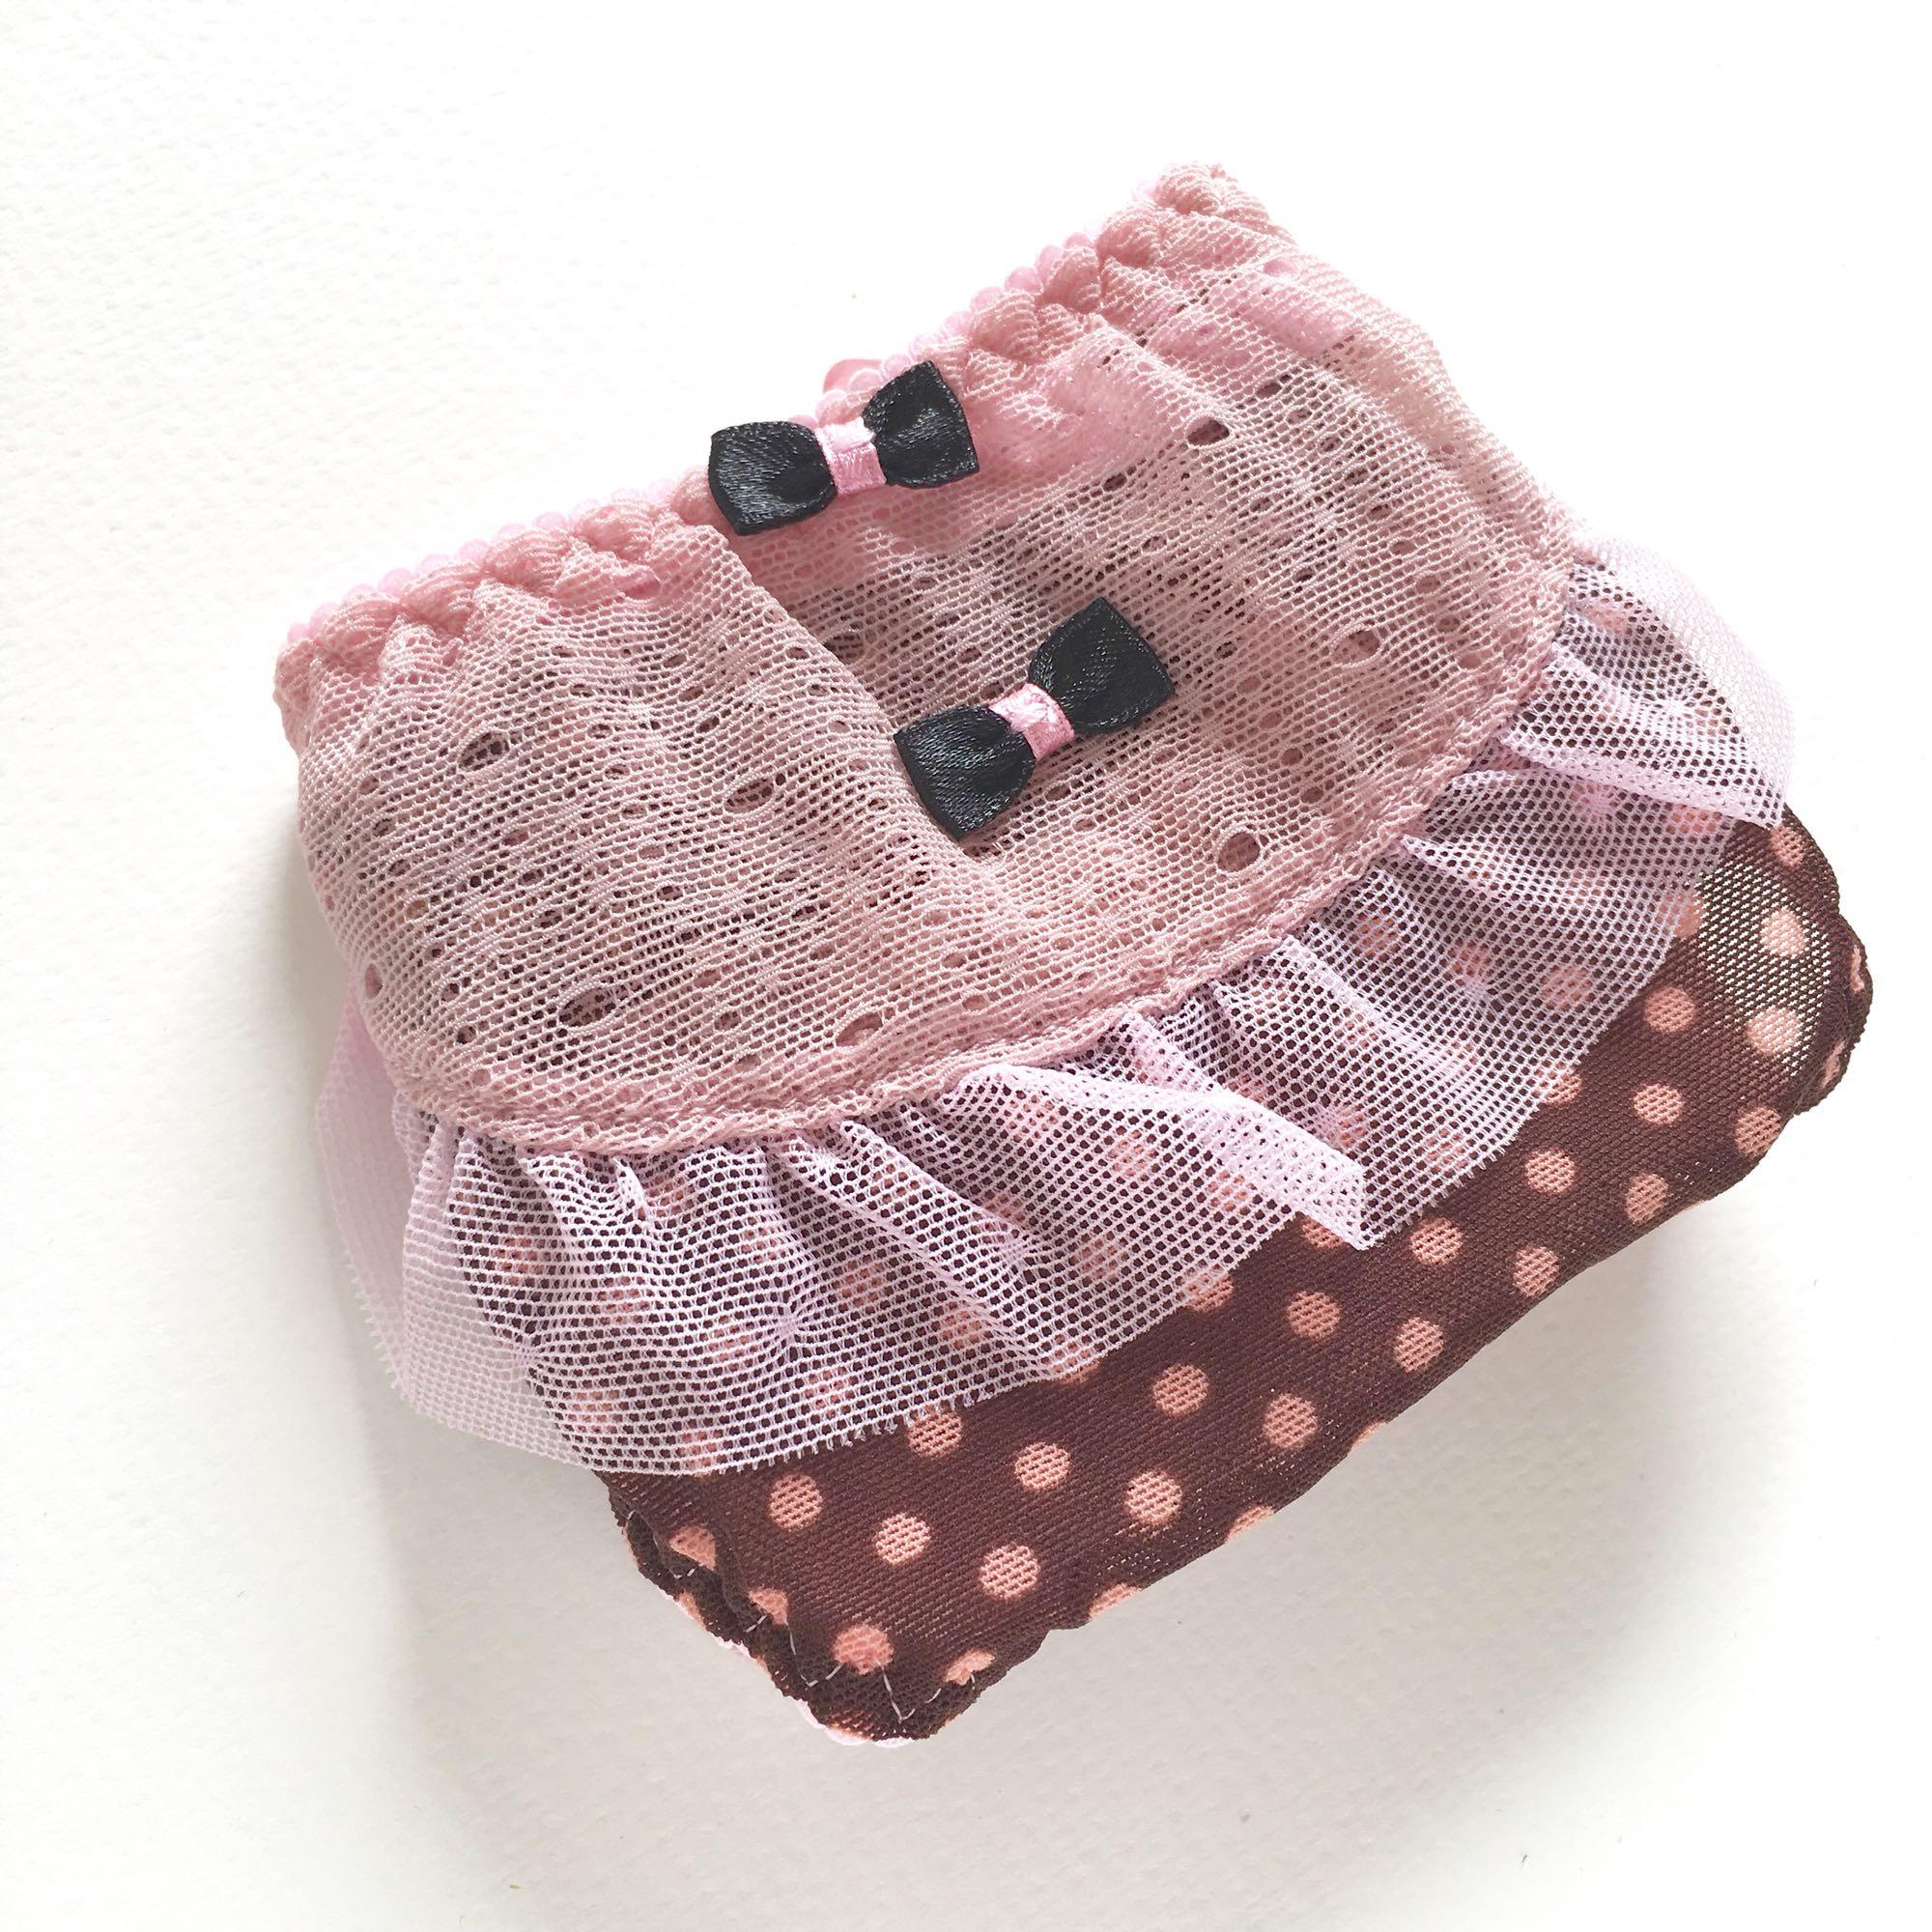 手感柔软弹力透气网女内裤咖啡粉色波点荷叶边纯棉裆日系蝴蝶结